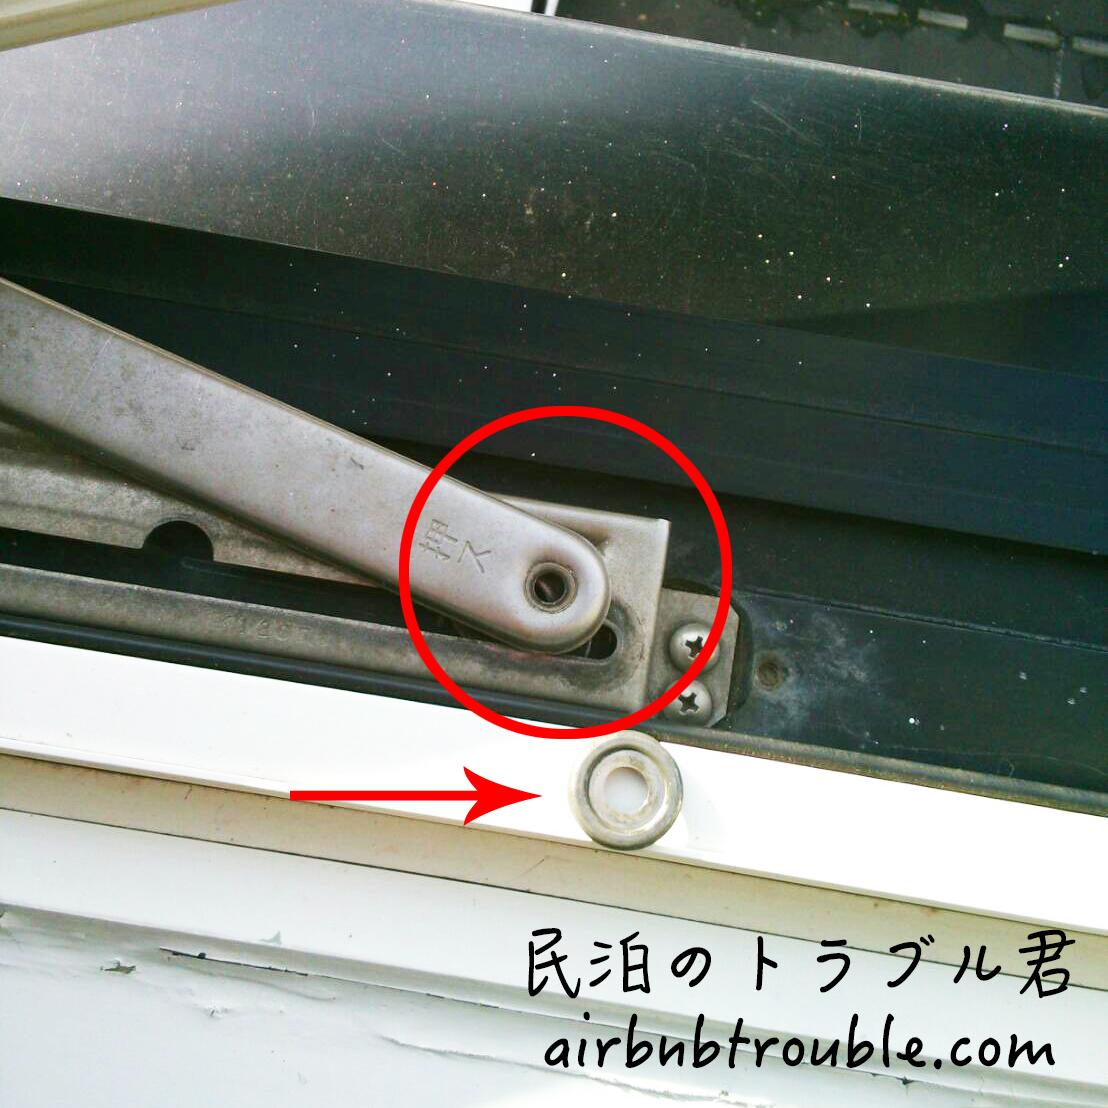 【破損】窓のあおり止めのボタンが無くなりました。